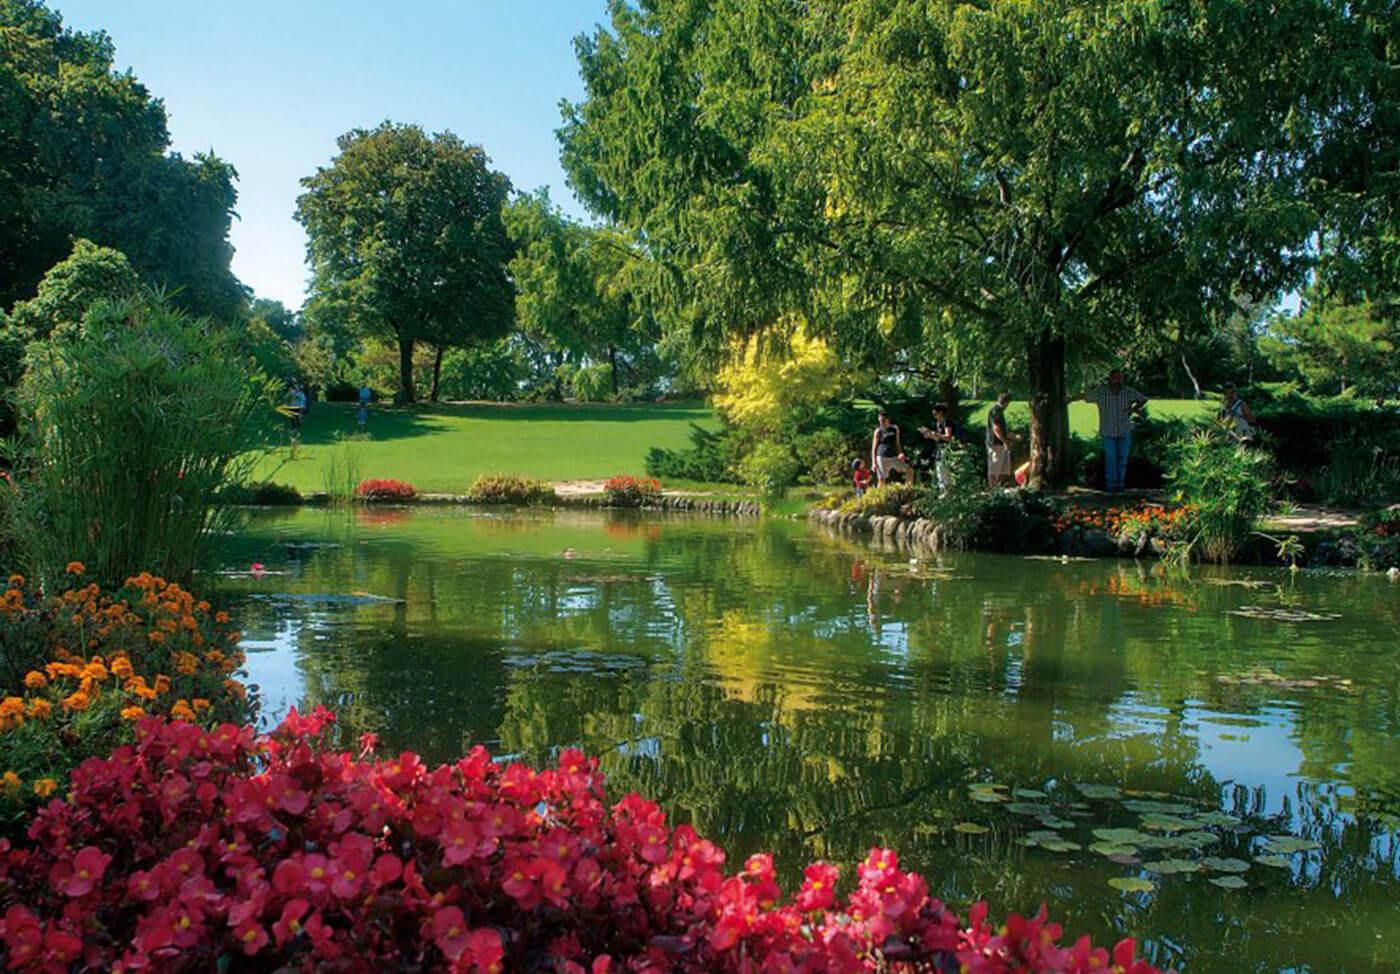 Parco-Giardino-Sigurta-Verona